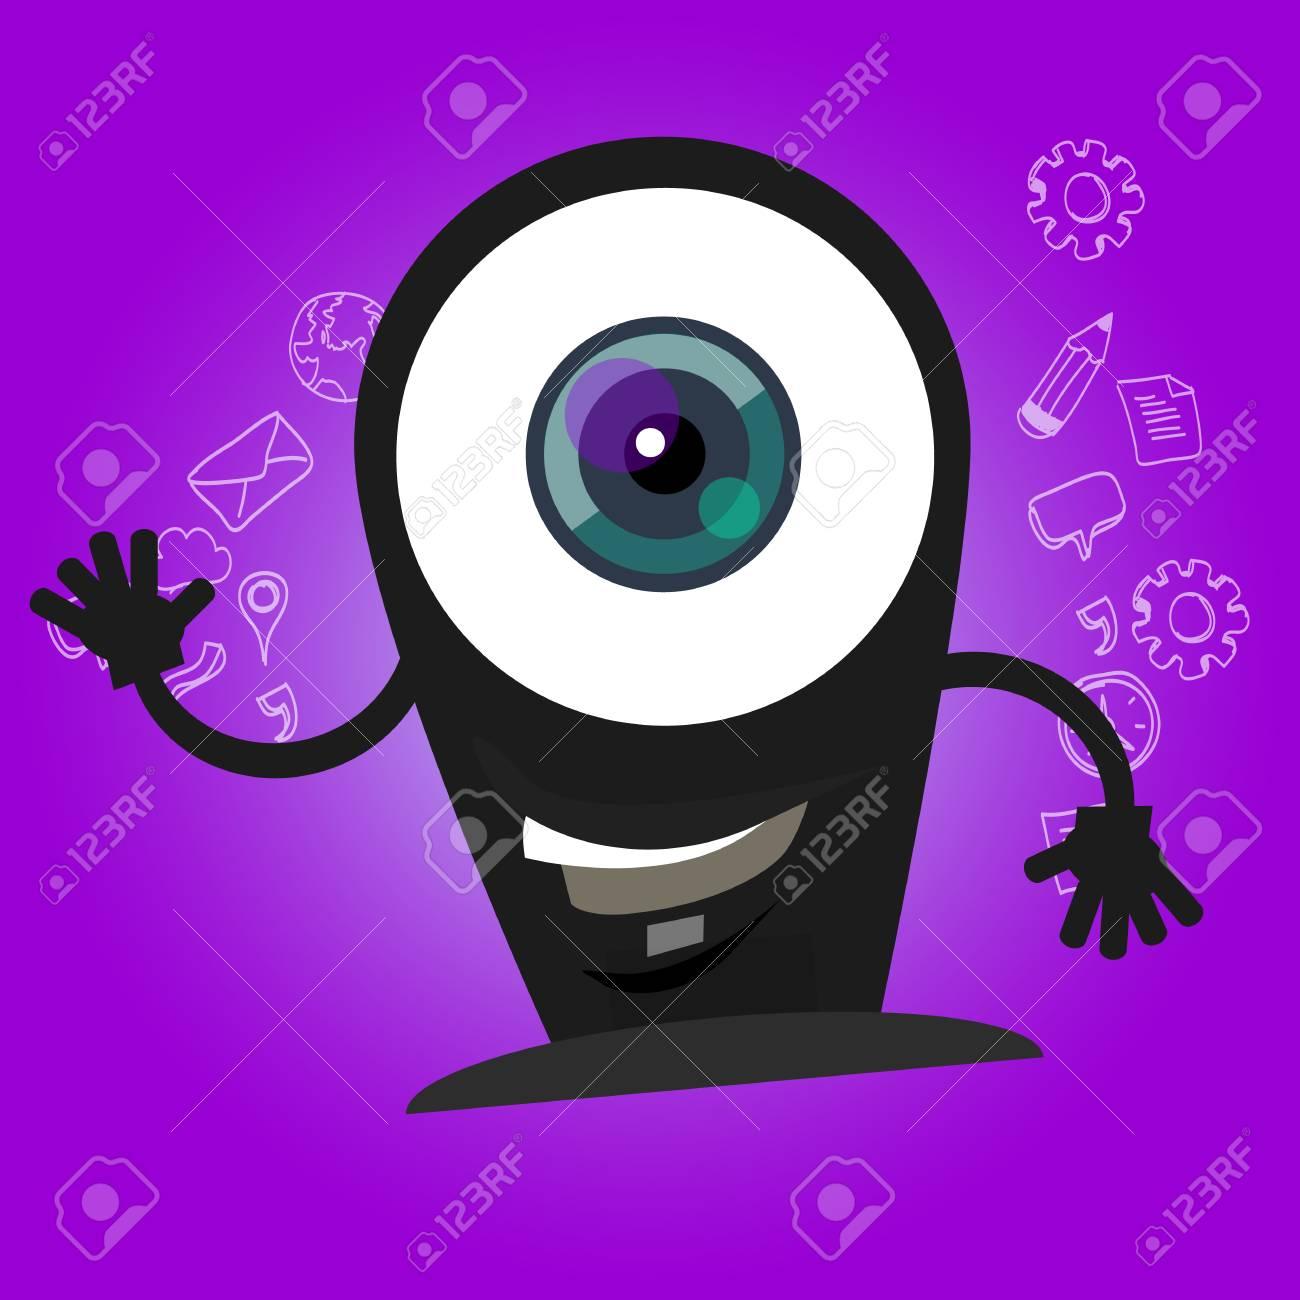 Cámara De Cámaras De Dibujos Animados Ojos Grandes Carácter De La Sonrisa Con La Cara Feliz De La Mascota De Las Manos